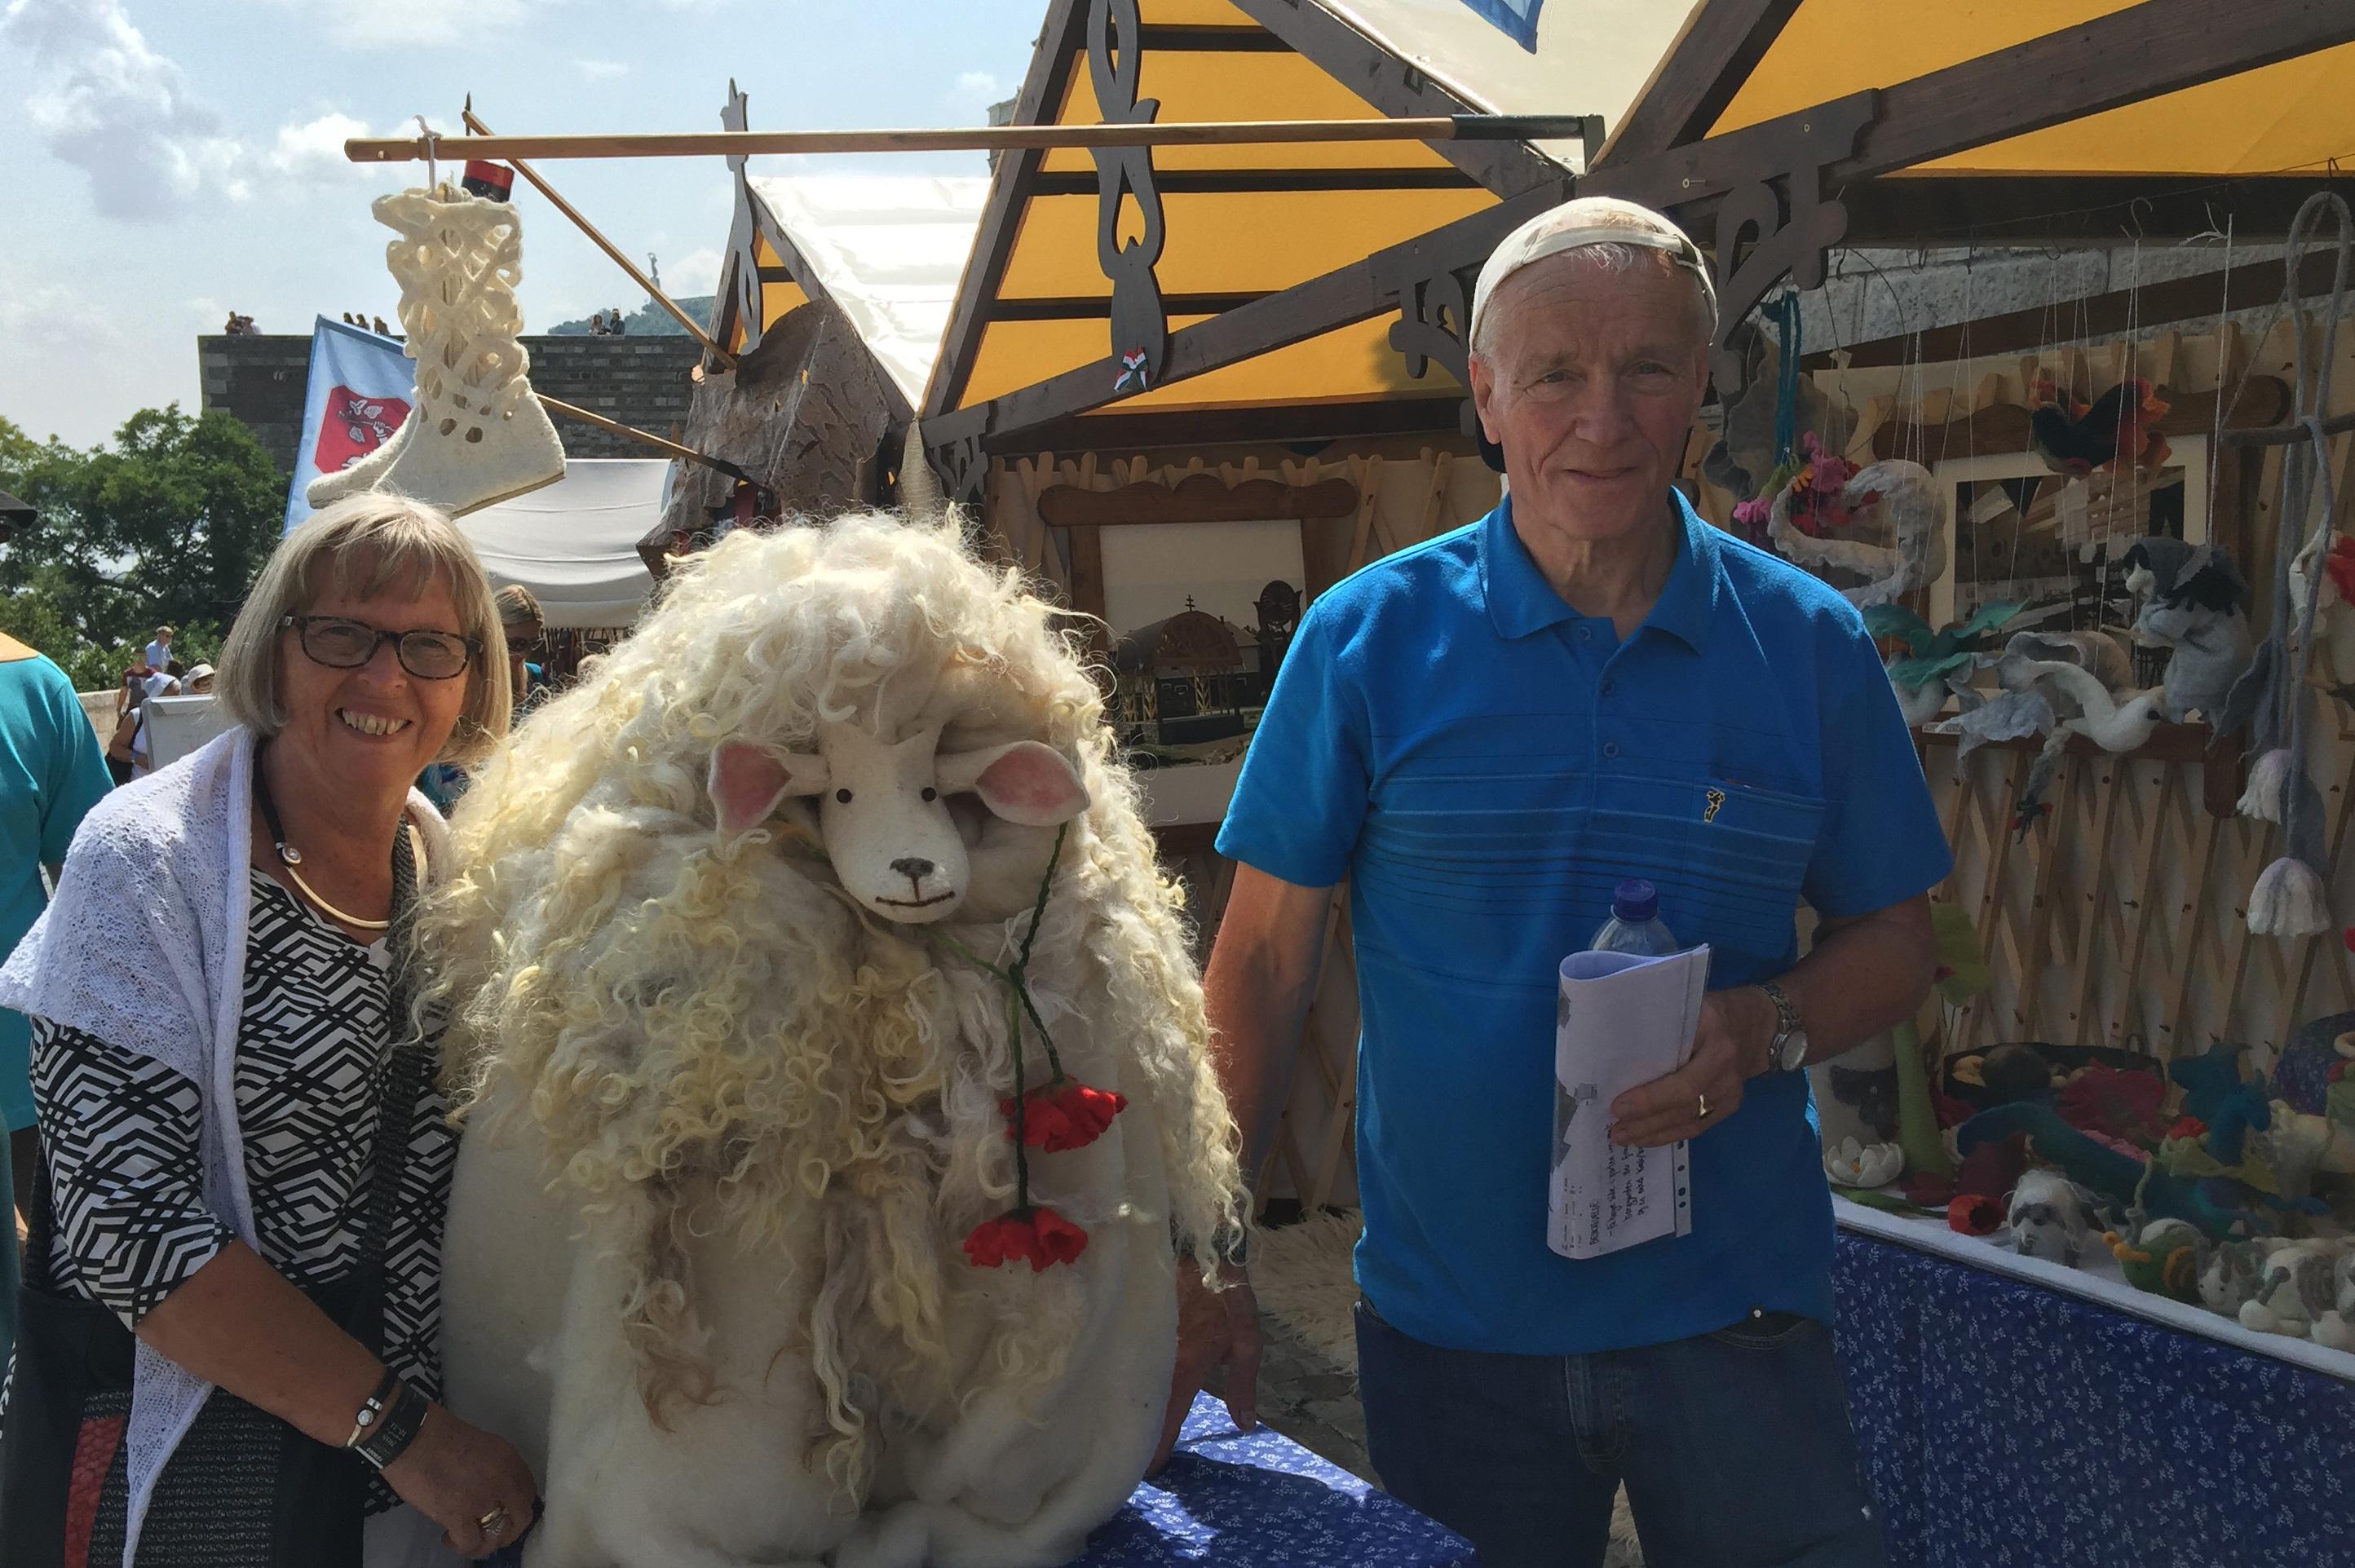 Strikkehåndverker og fagansvarlig Gerd Harstad sammen med Faglig råds leder Inge Hasselberg nyter festivalen og alt den har å by på.